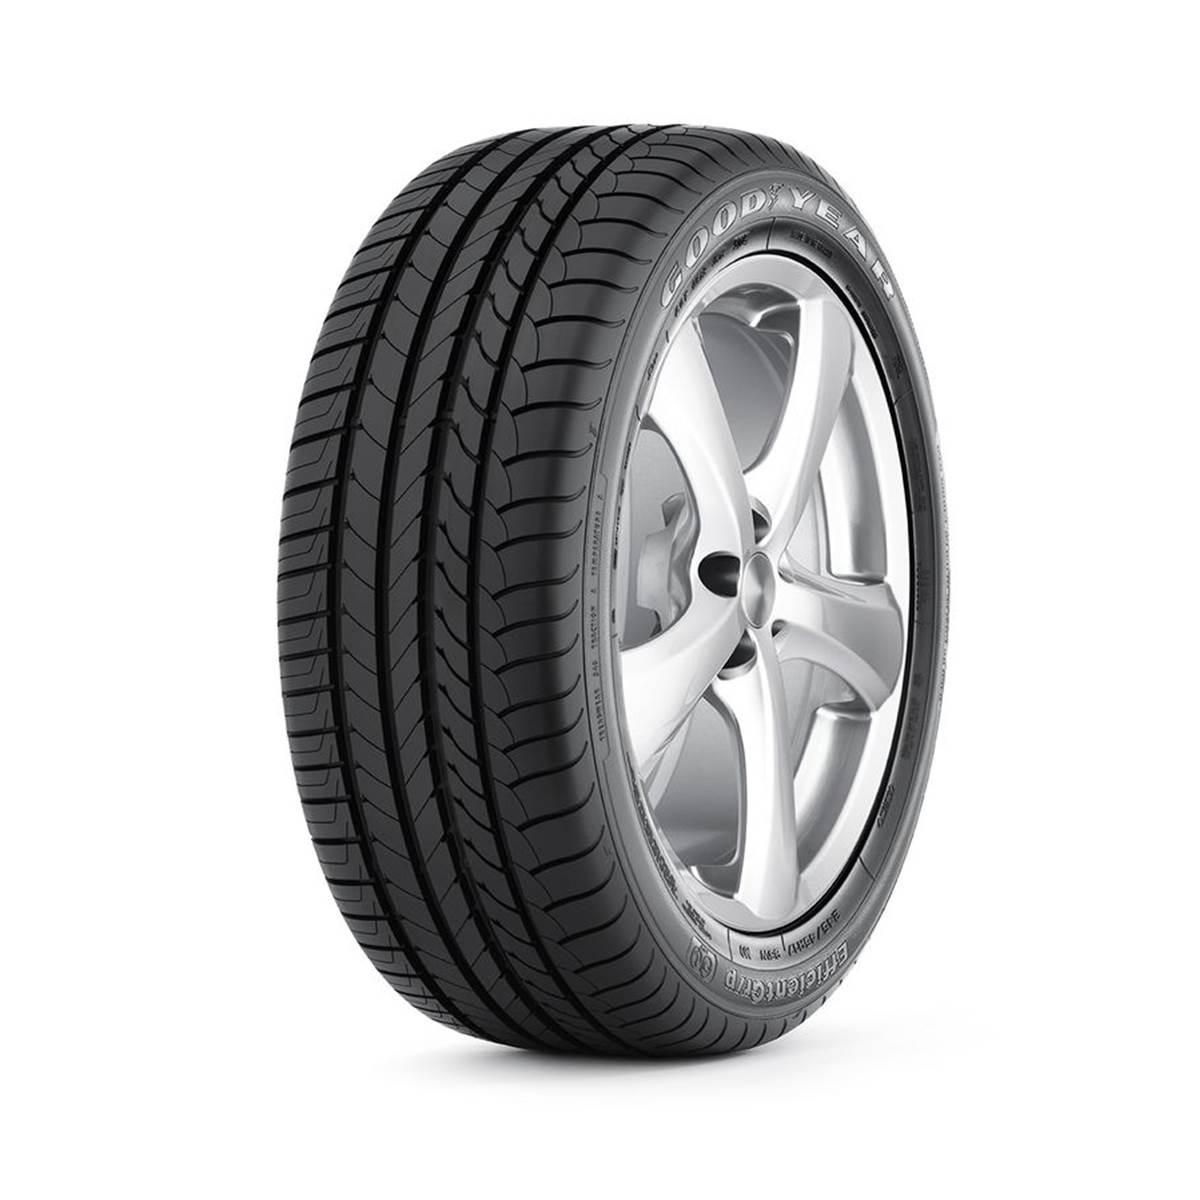 goodyear efficient grip 225 55 r18 achat de pneus goodyear efficient grip 225 55 r18 pas cher. Black Bedroom Furniture Sets. Home Design Ideas